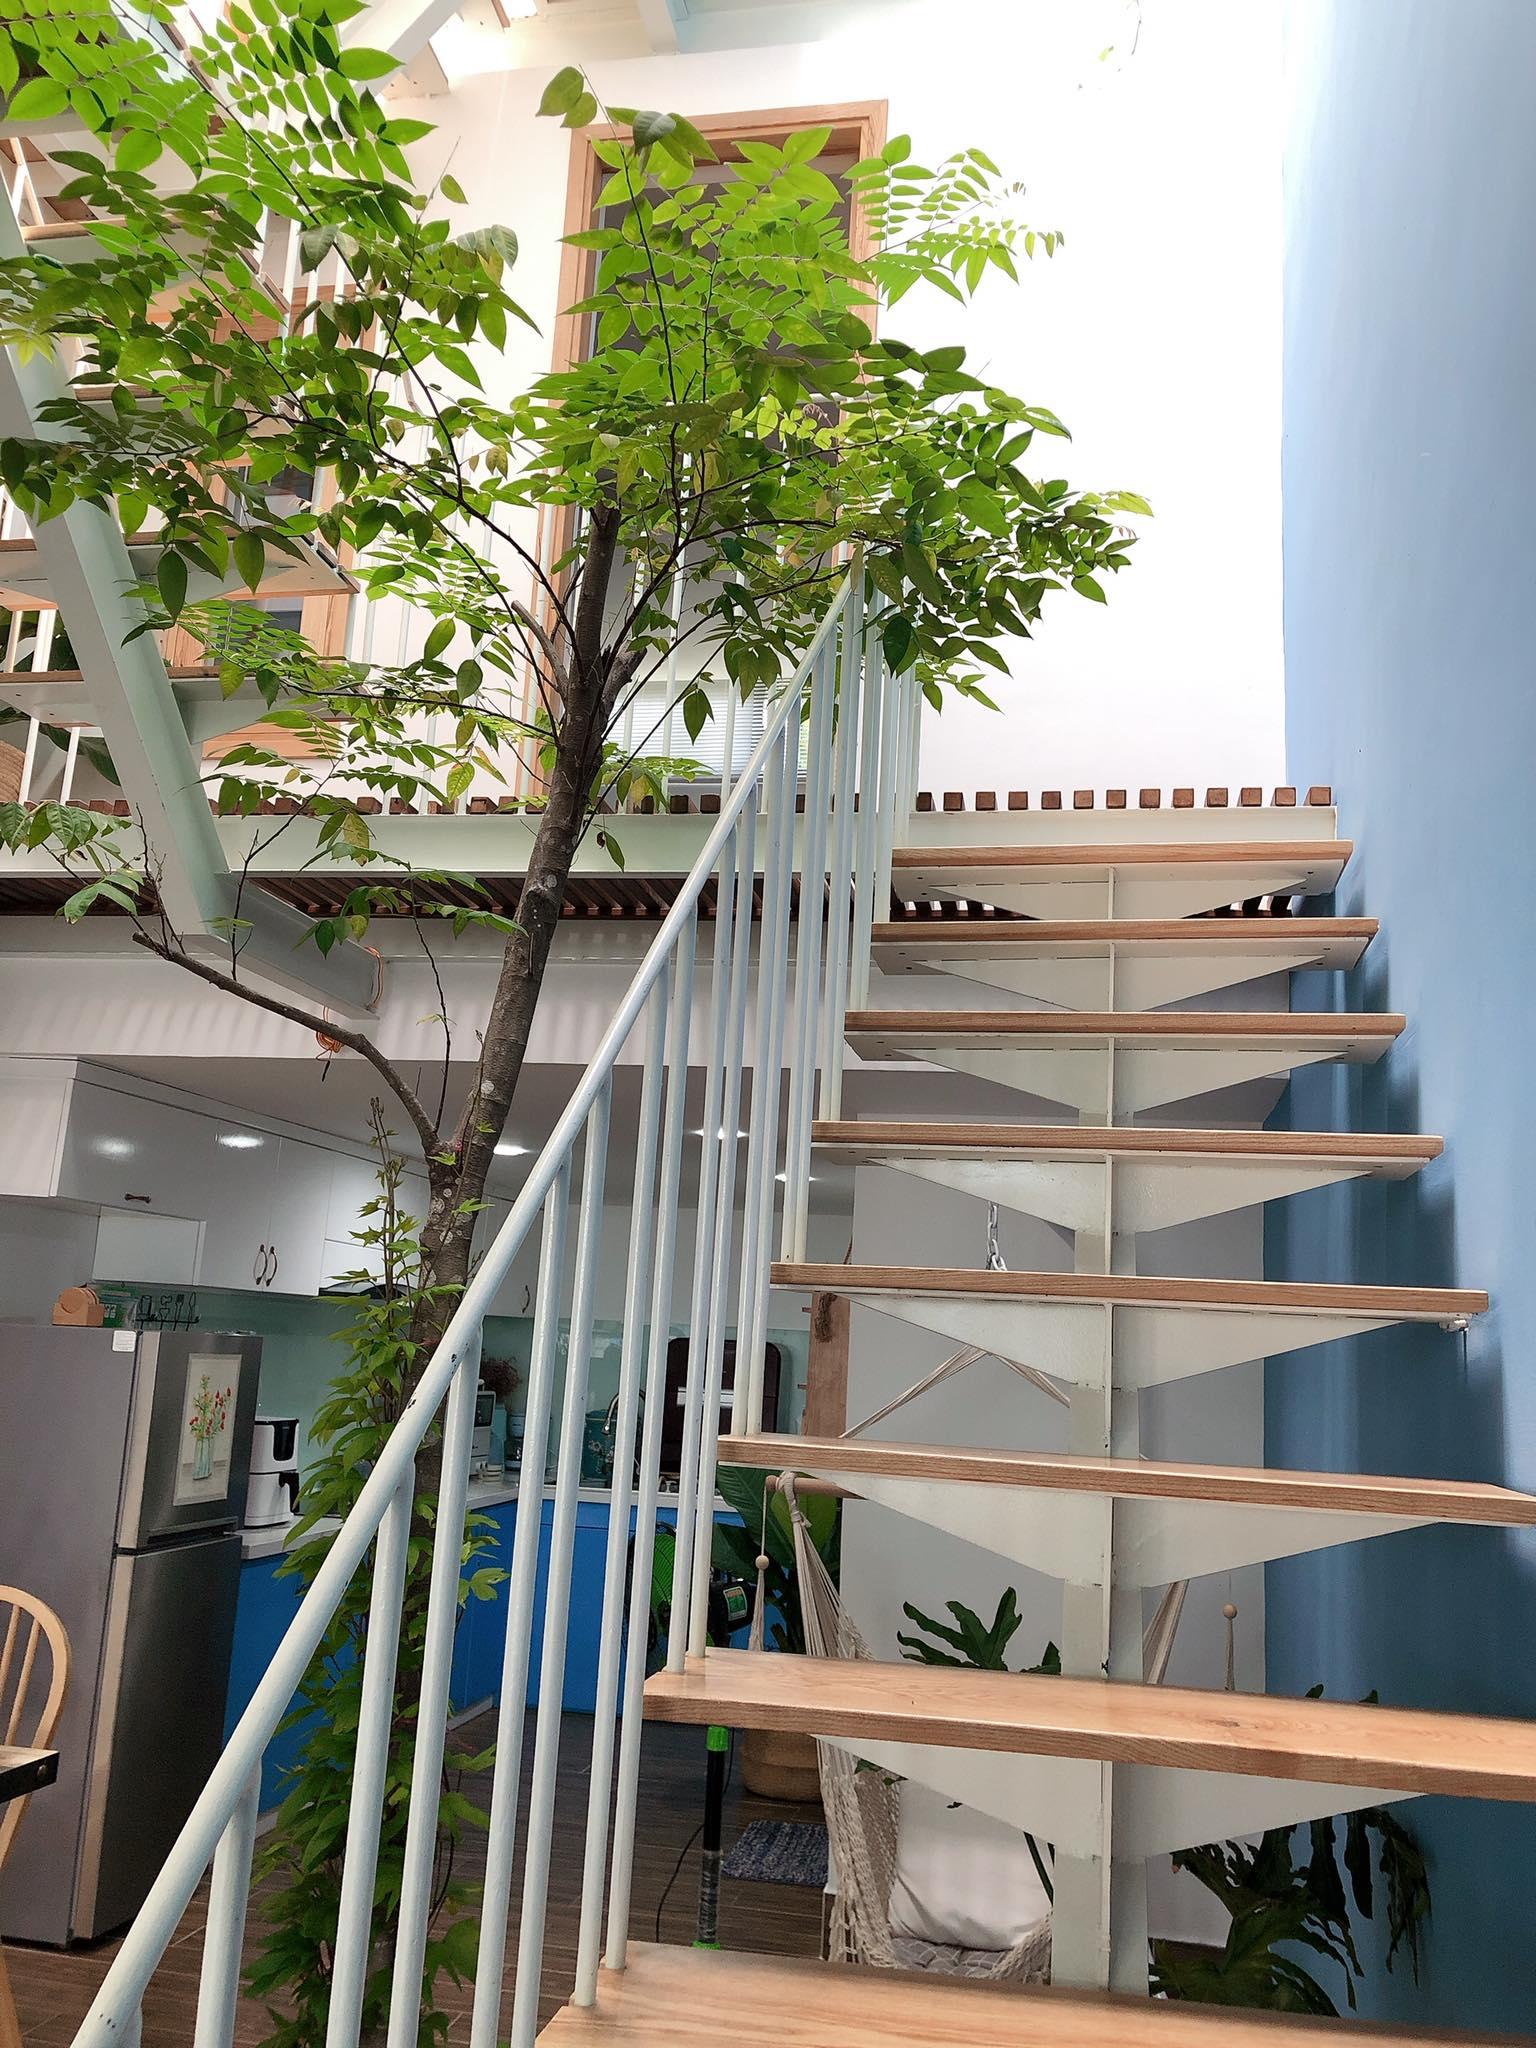 Cầu thang, giếng trời và cây xanh